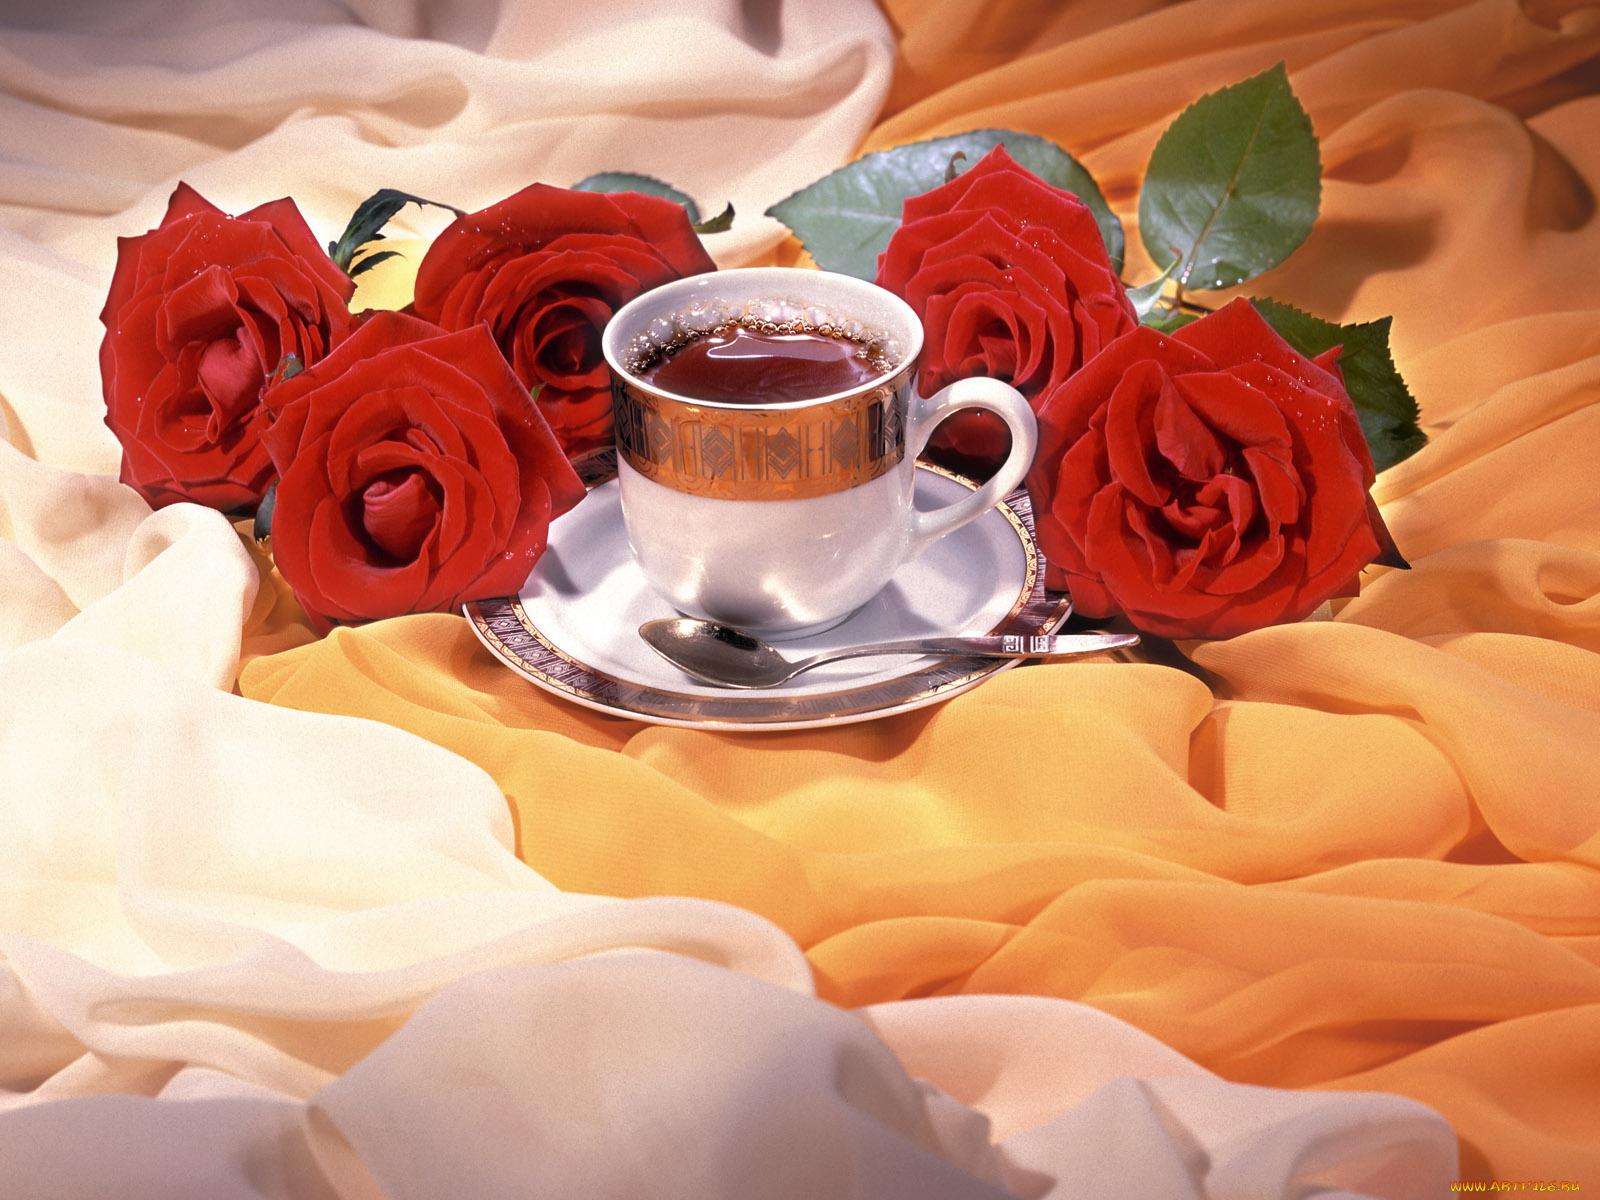 Поздравлением получением, пожелание доброго утра и удачного дня в открытках